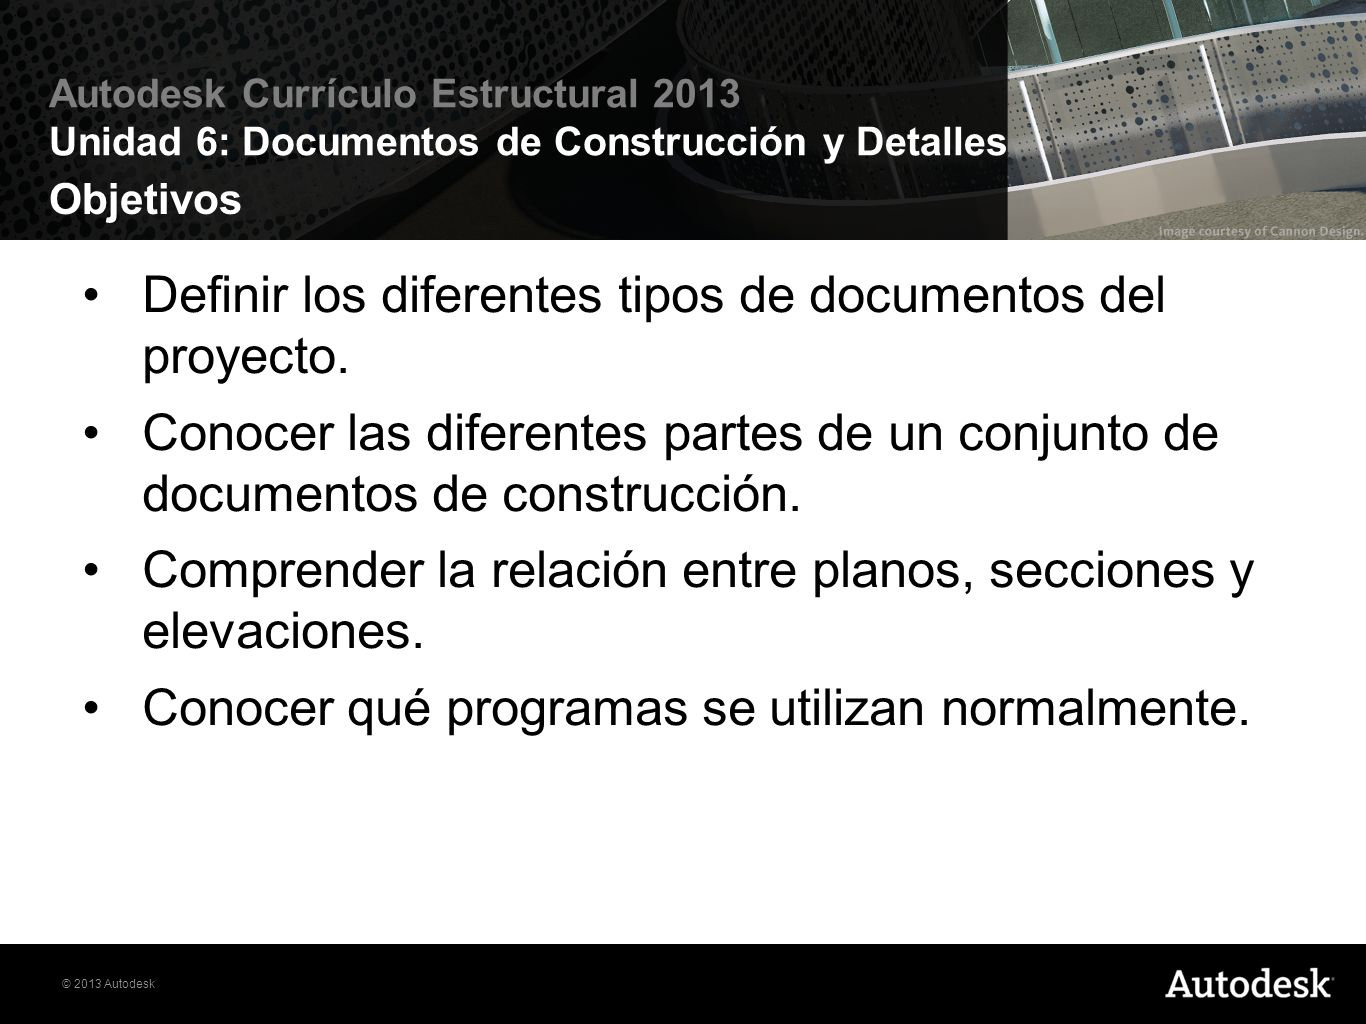 © 2010 Autodesk Autodesk Currículo Estructural 2013 Unidad 6: Modelando para Estructuras de Edificación Ejercicio 6.7 Compartiendo documentos